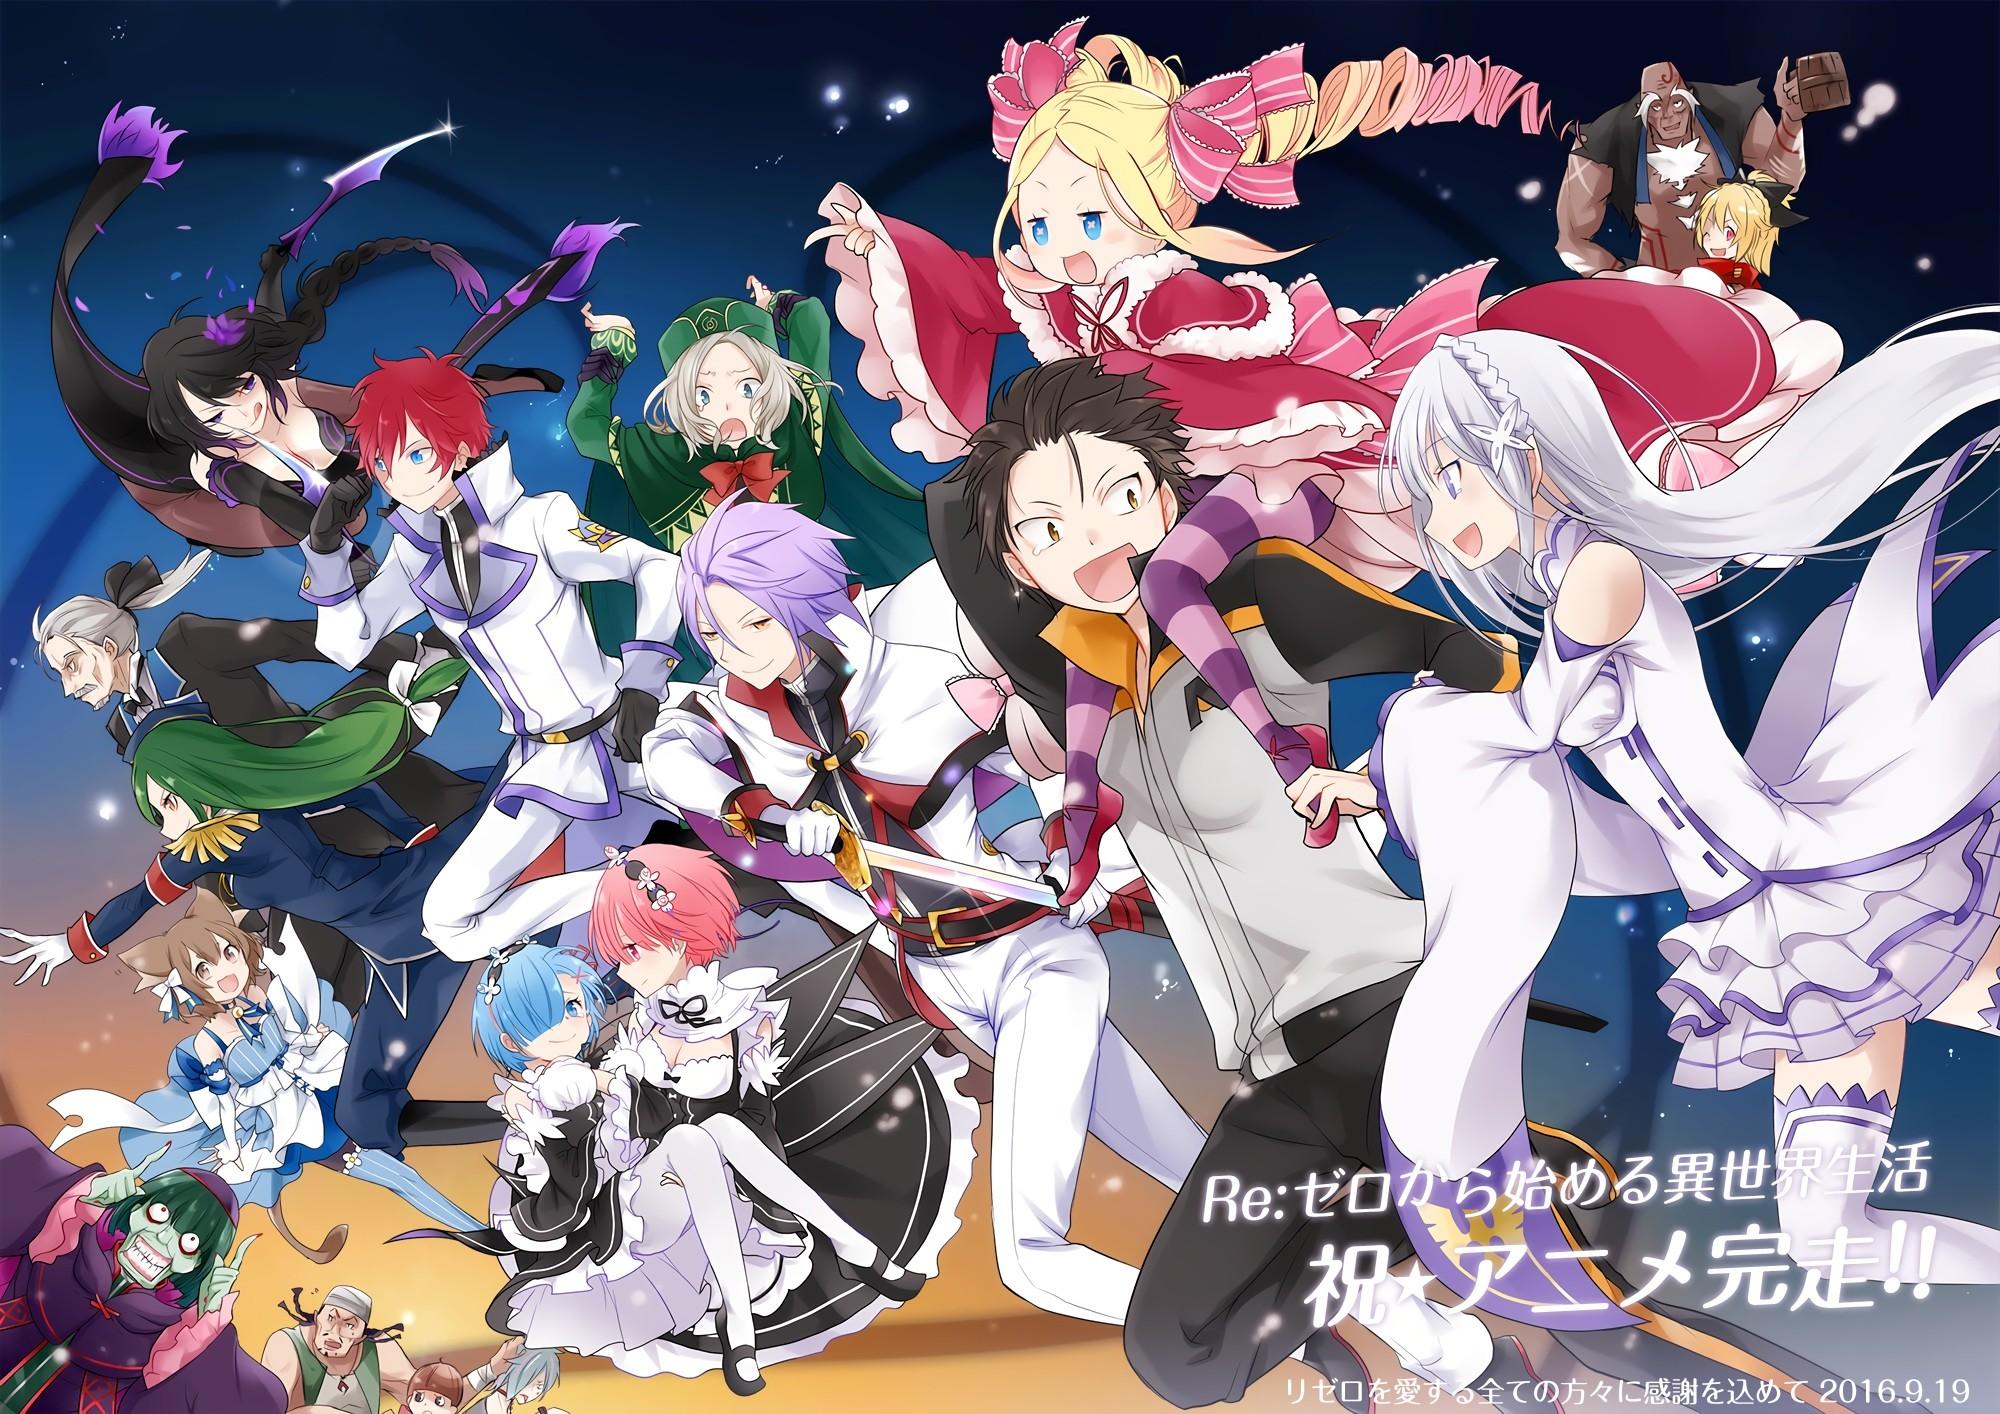 Wallpaper Anime Re Zero Kara Hajimeru Isekai Seikatsu Rem Re